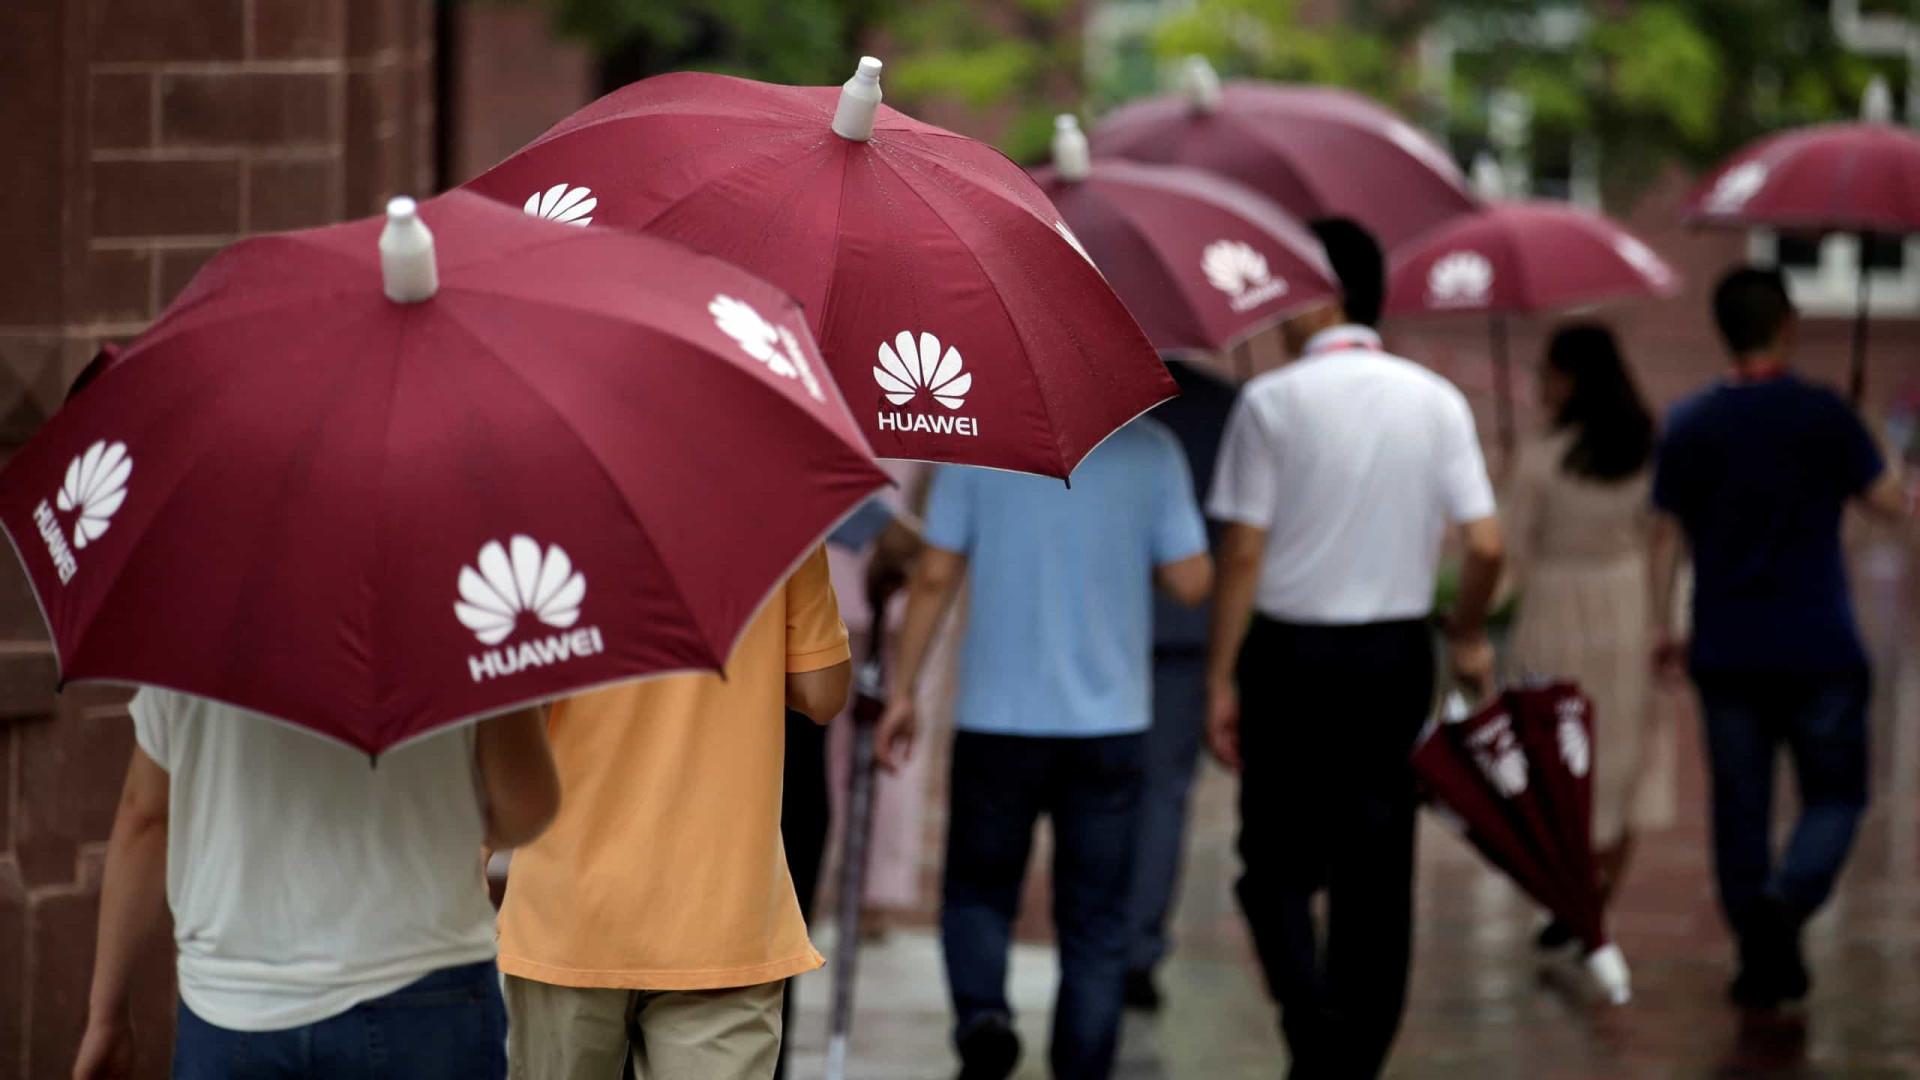 Novos topos de gama da Huawei serão compatíveis com 5G